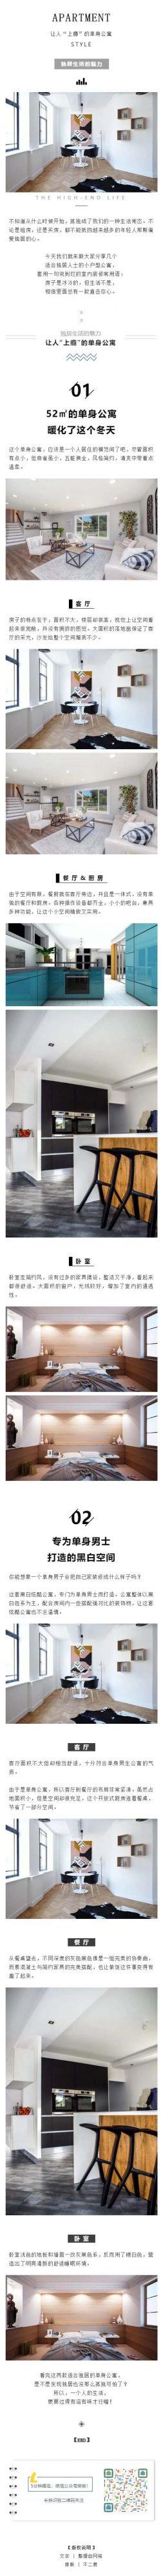 建筑房产微信推文模板 单身公寓公众号推送素材